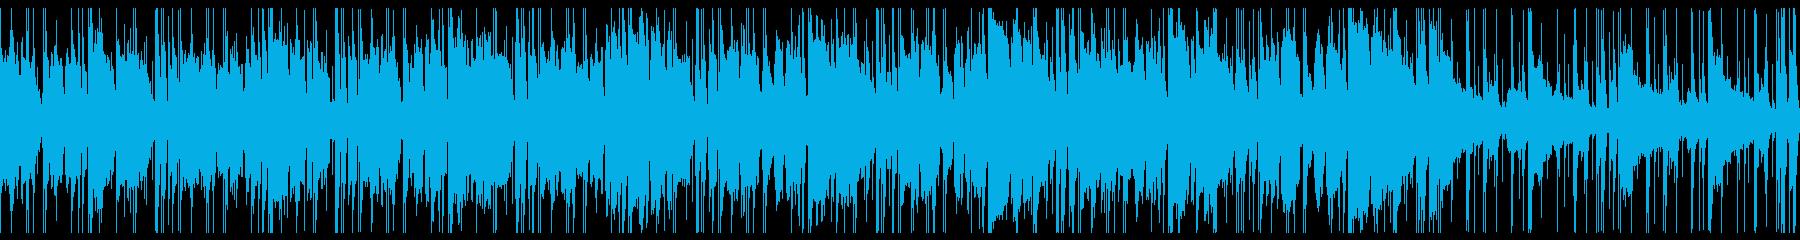 洗練・都会・大人お洒落な曲(ループの再生済みの波形